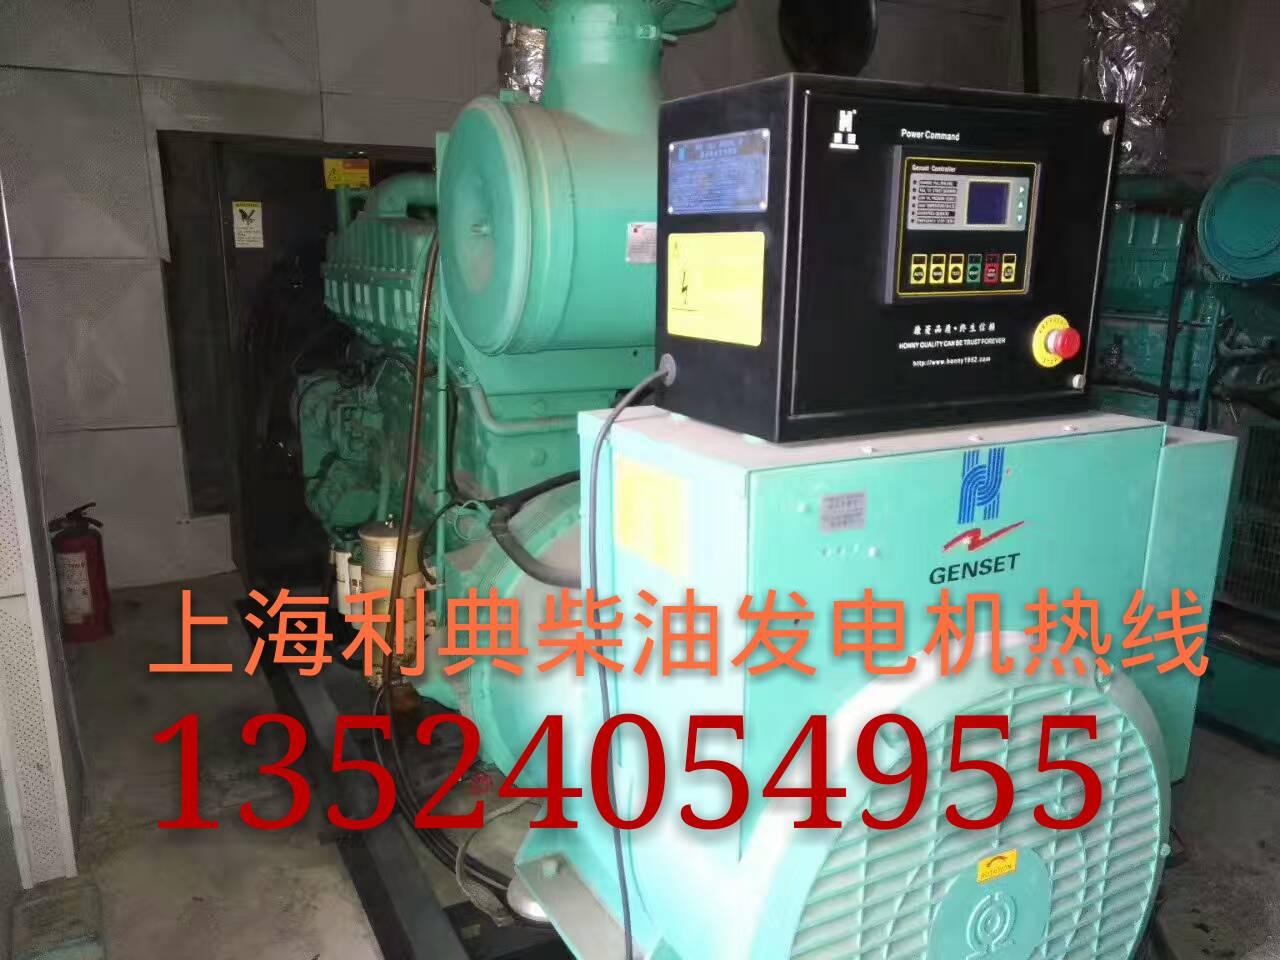 上海利典发电机.jpg